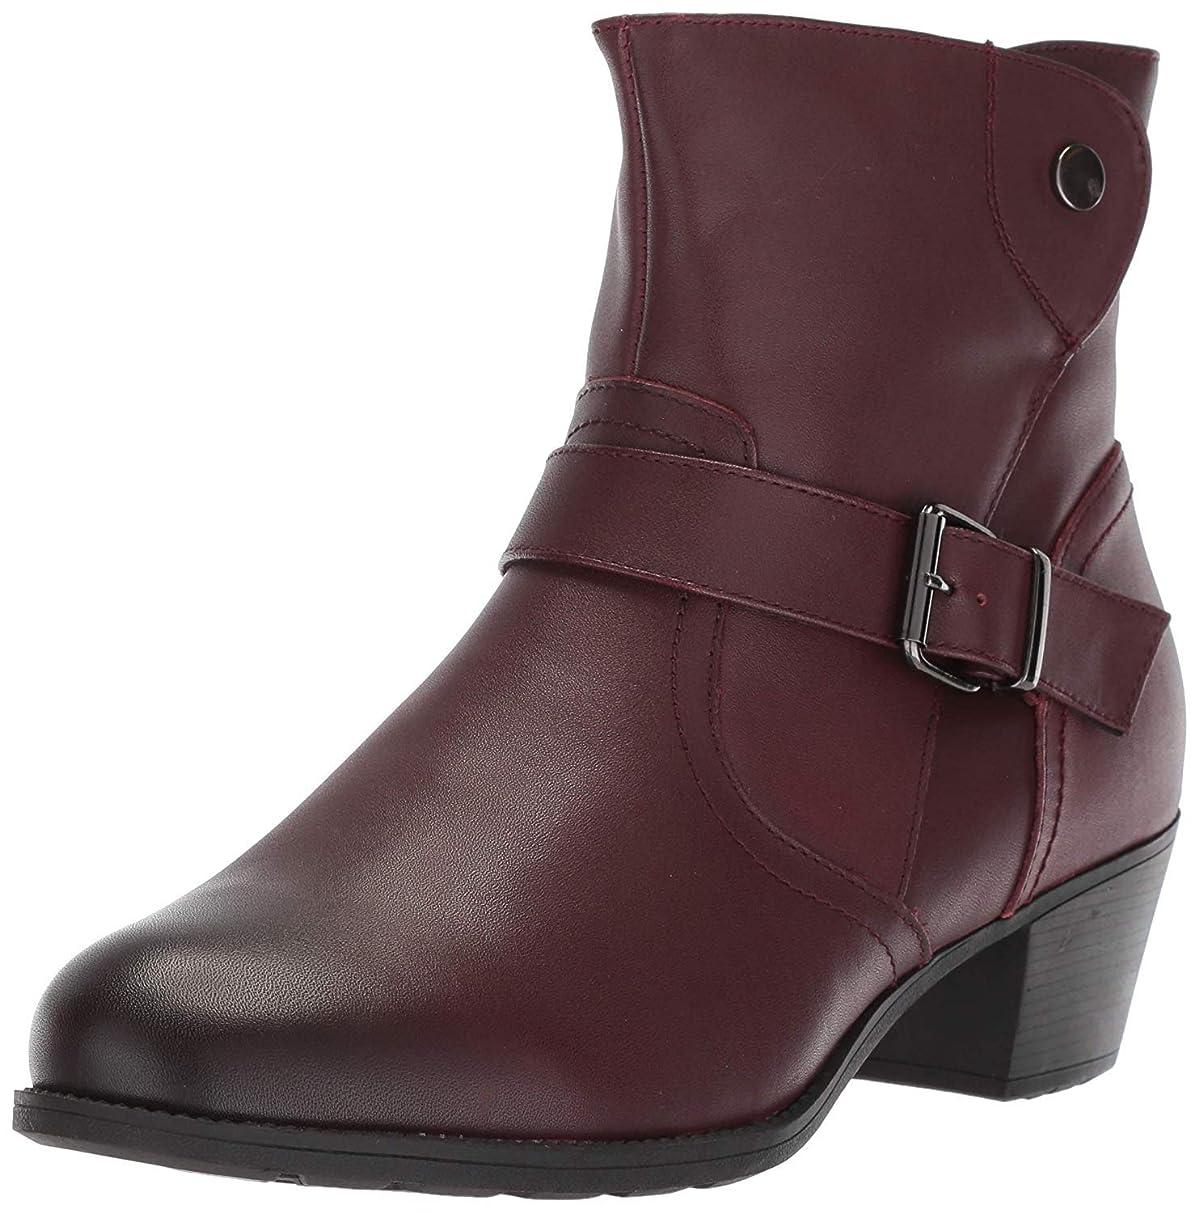 ログ地平線モディッシュ[Propét] Womens Tory Leather Round Toe Ankle Fashion Boots [並行輸入品]